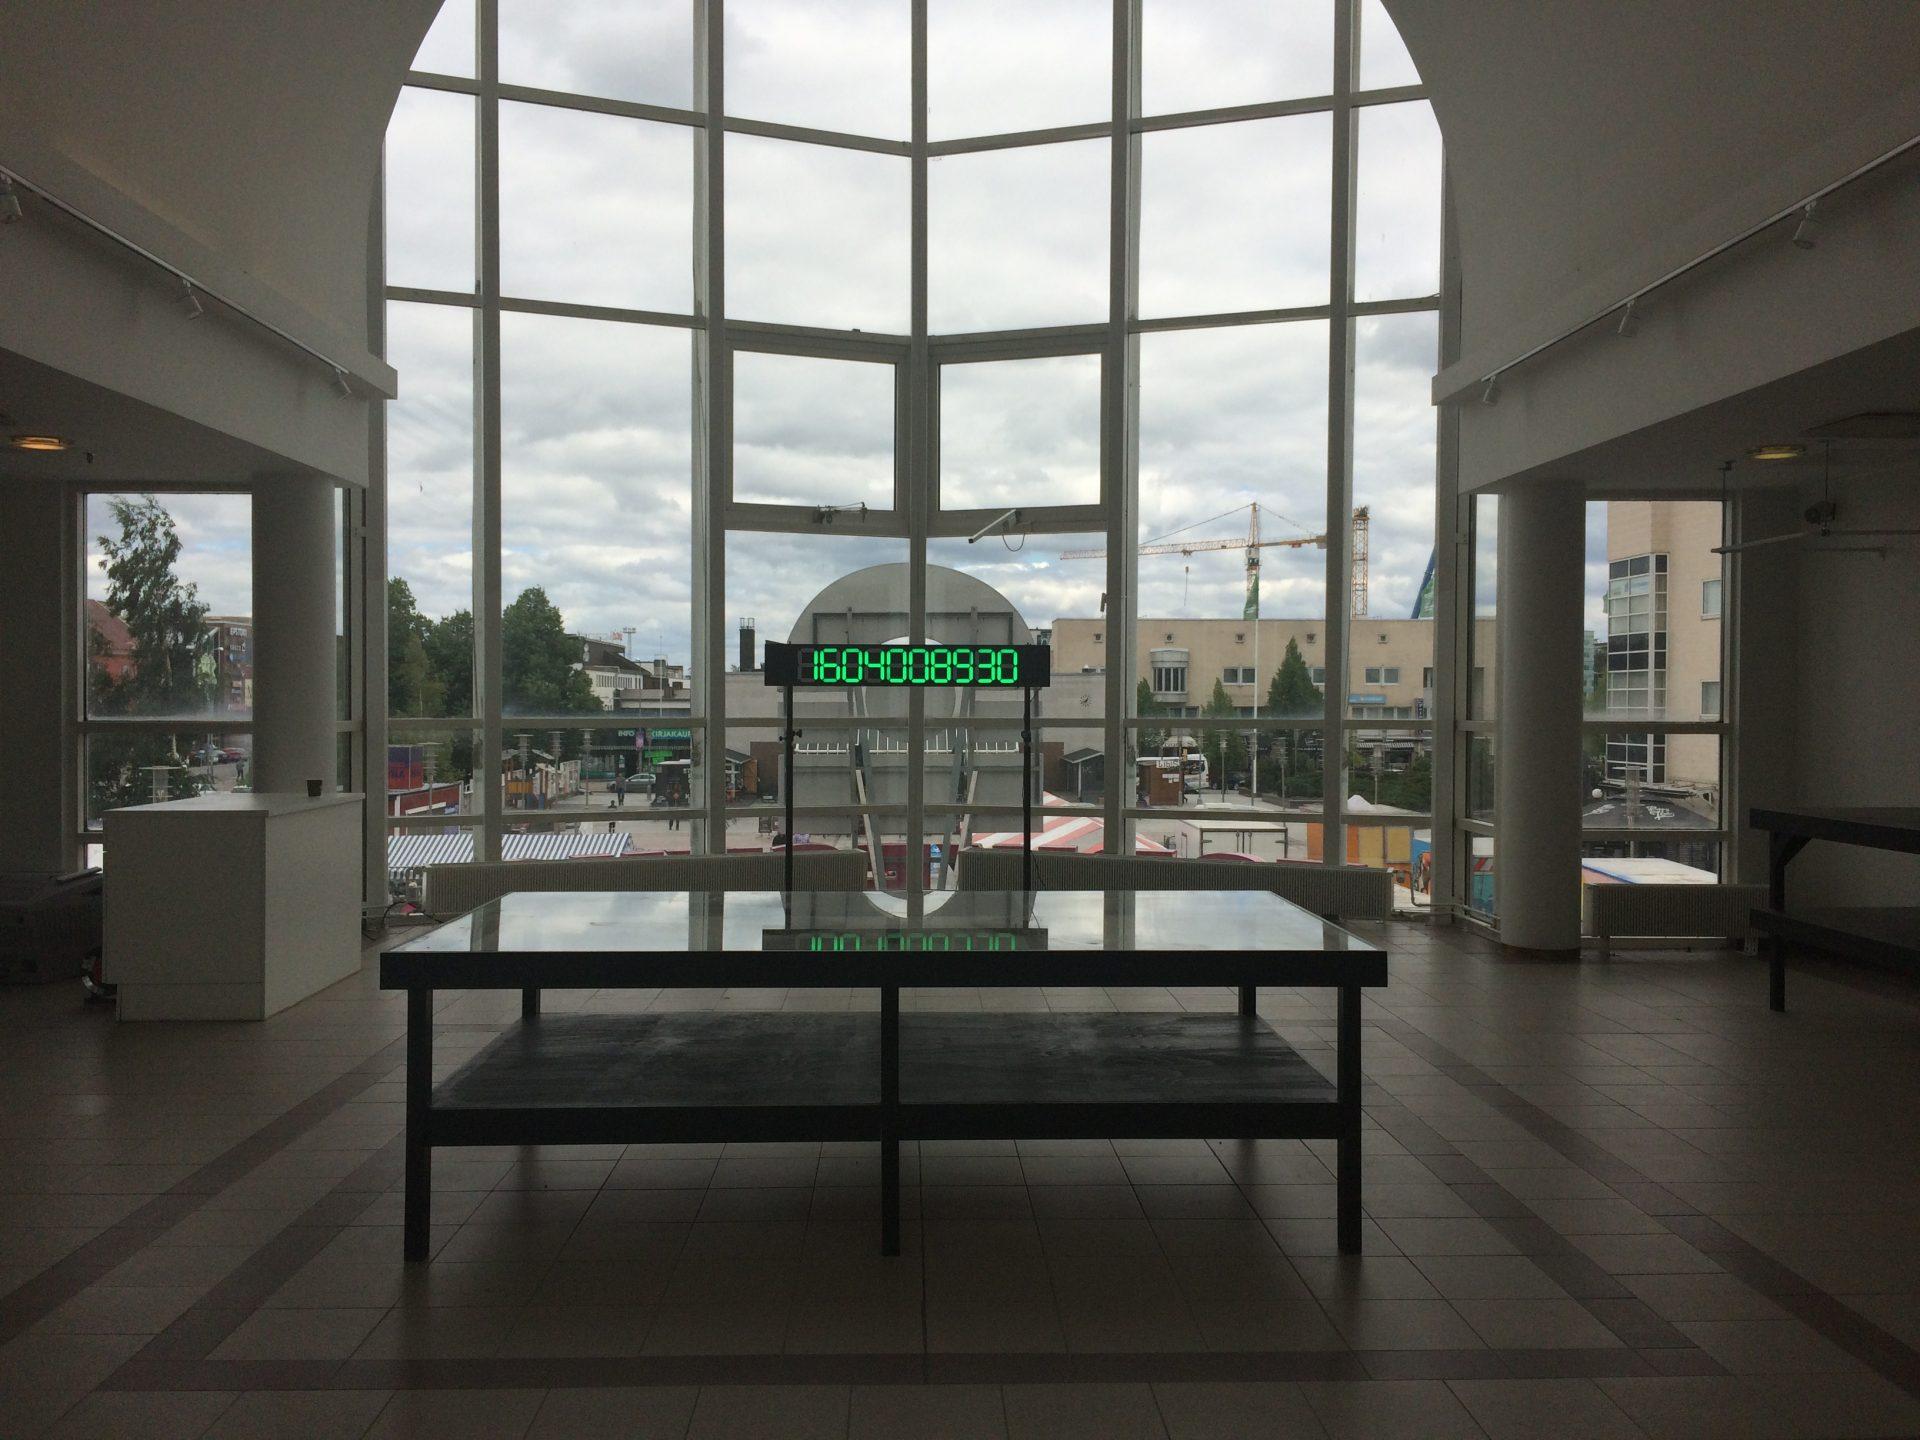 Suuren moniruutuisen ikkunan edessä on pöytä, jonka yläpuolella olevassa digitaalisessa näytössä on kymmenlukuinen numerosarja.